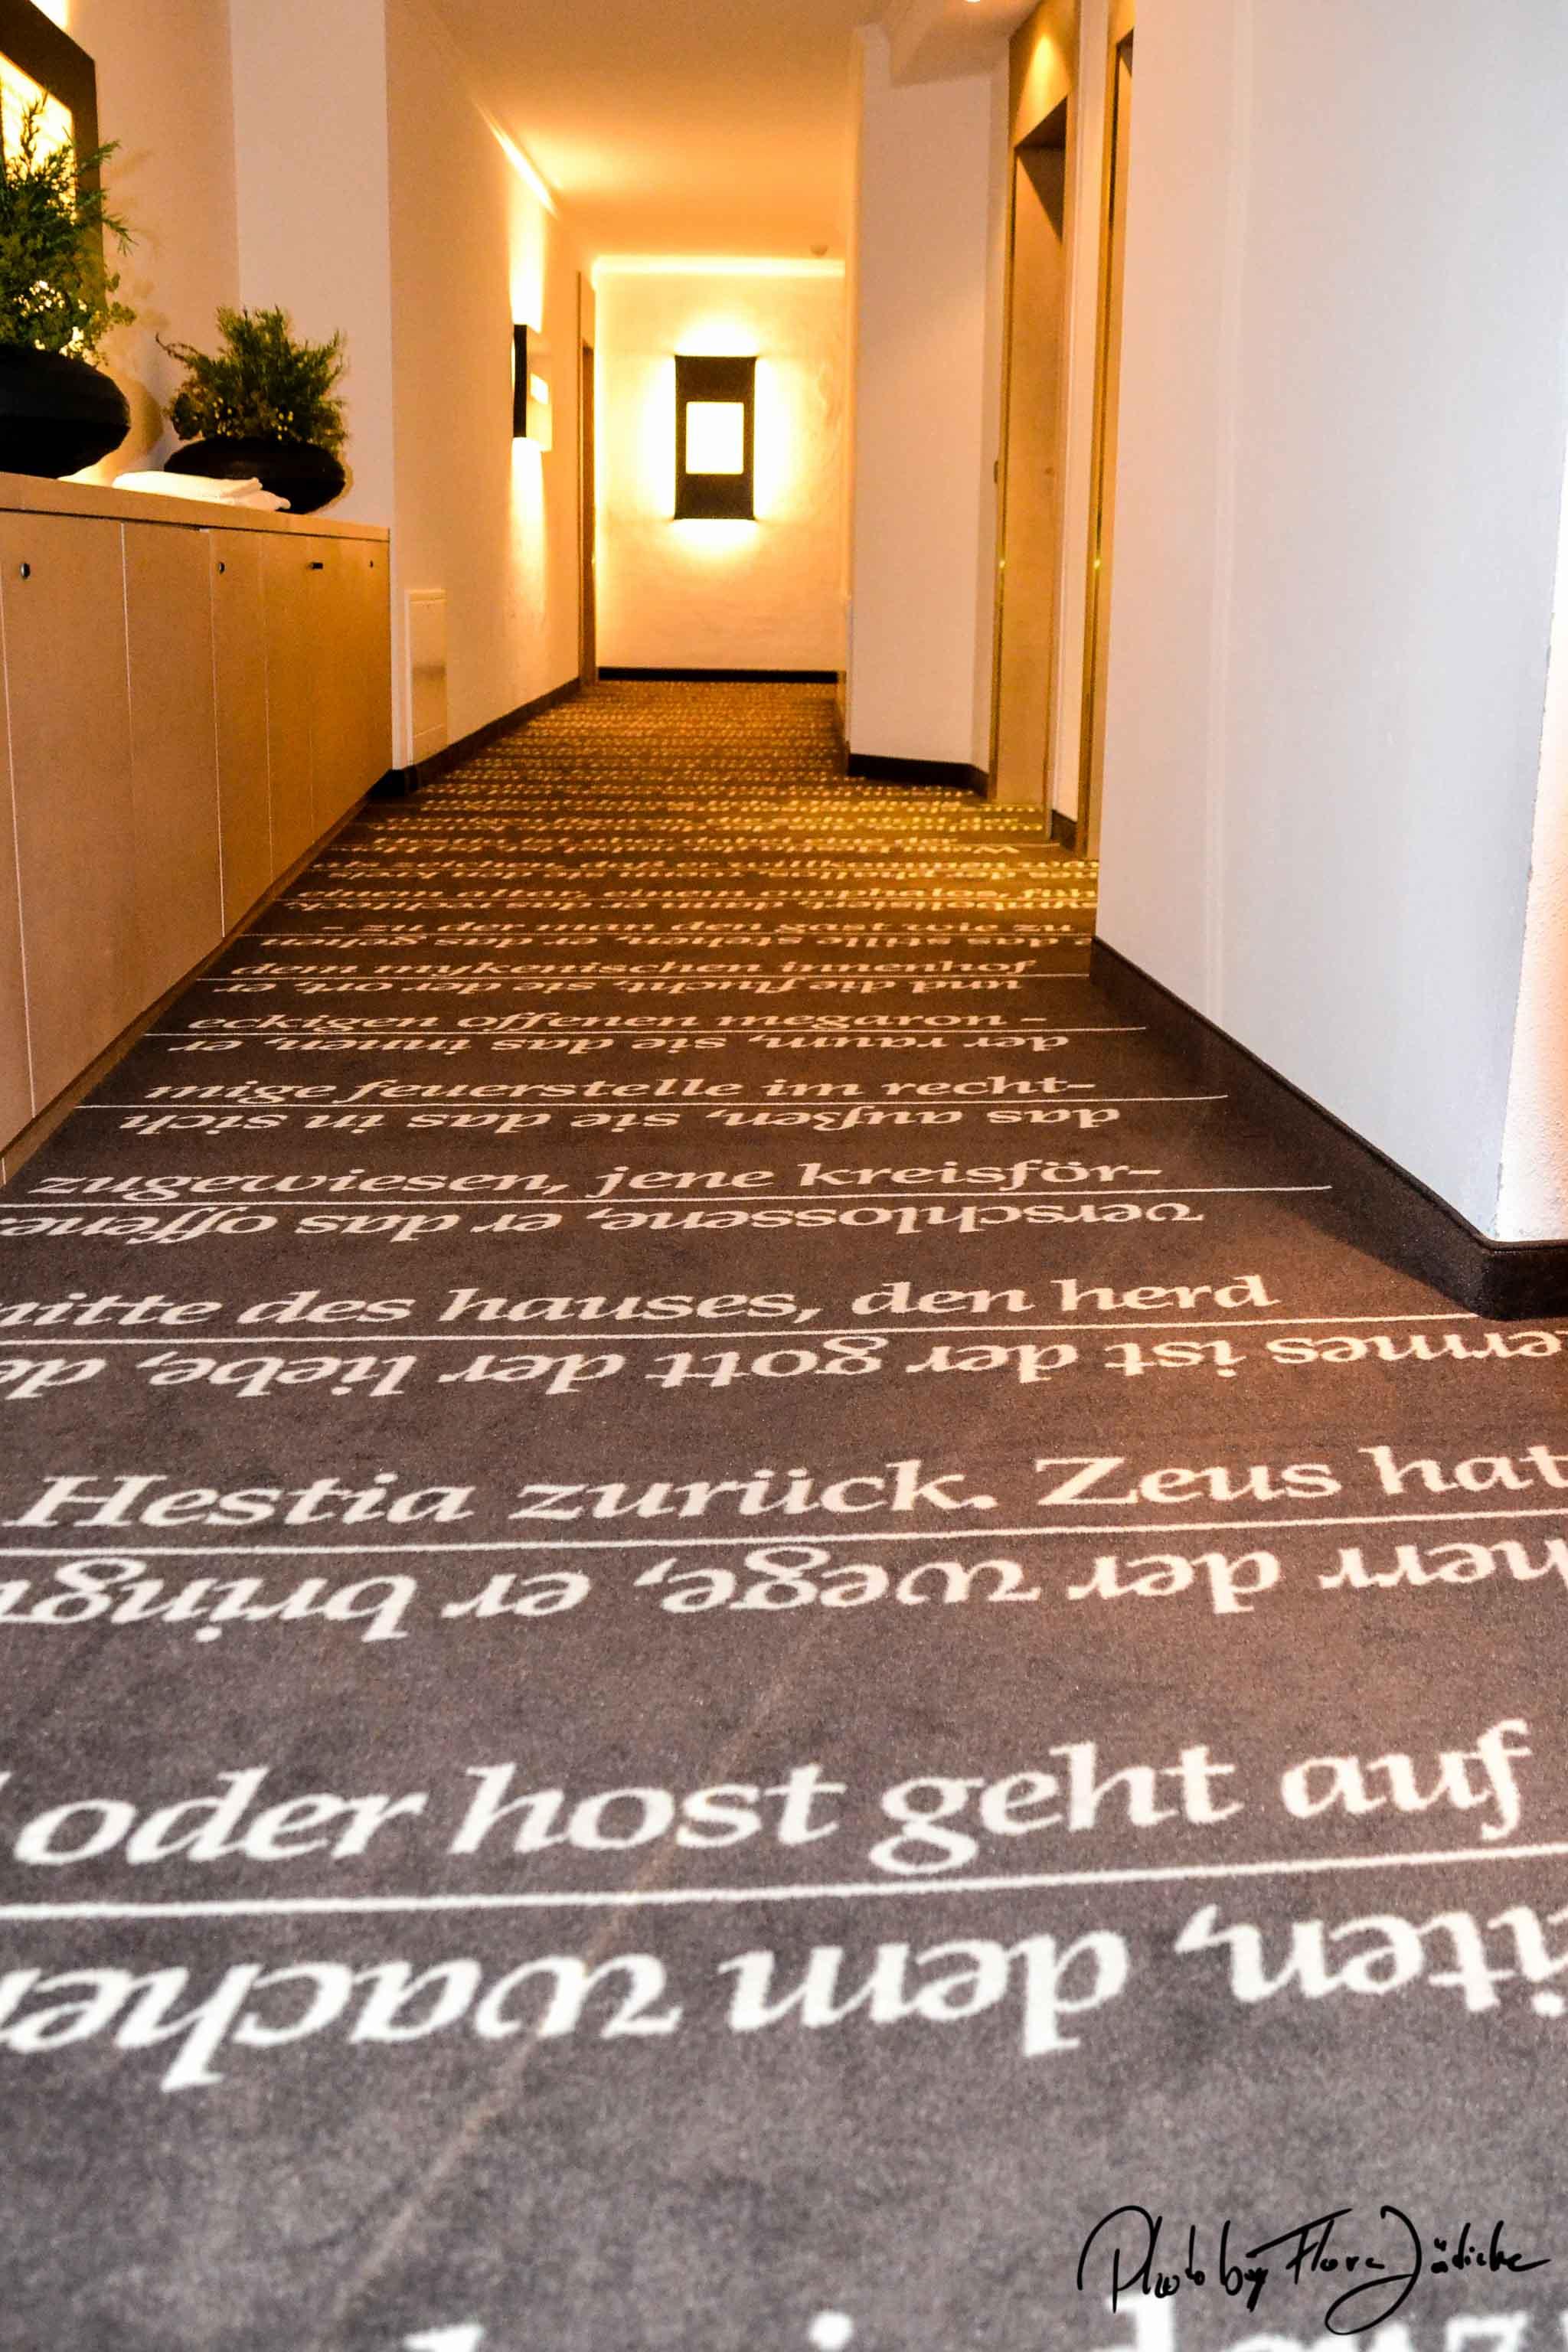 Der Teppich mit Texten von Raoul Schrott. Foto: Flora Jädick